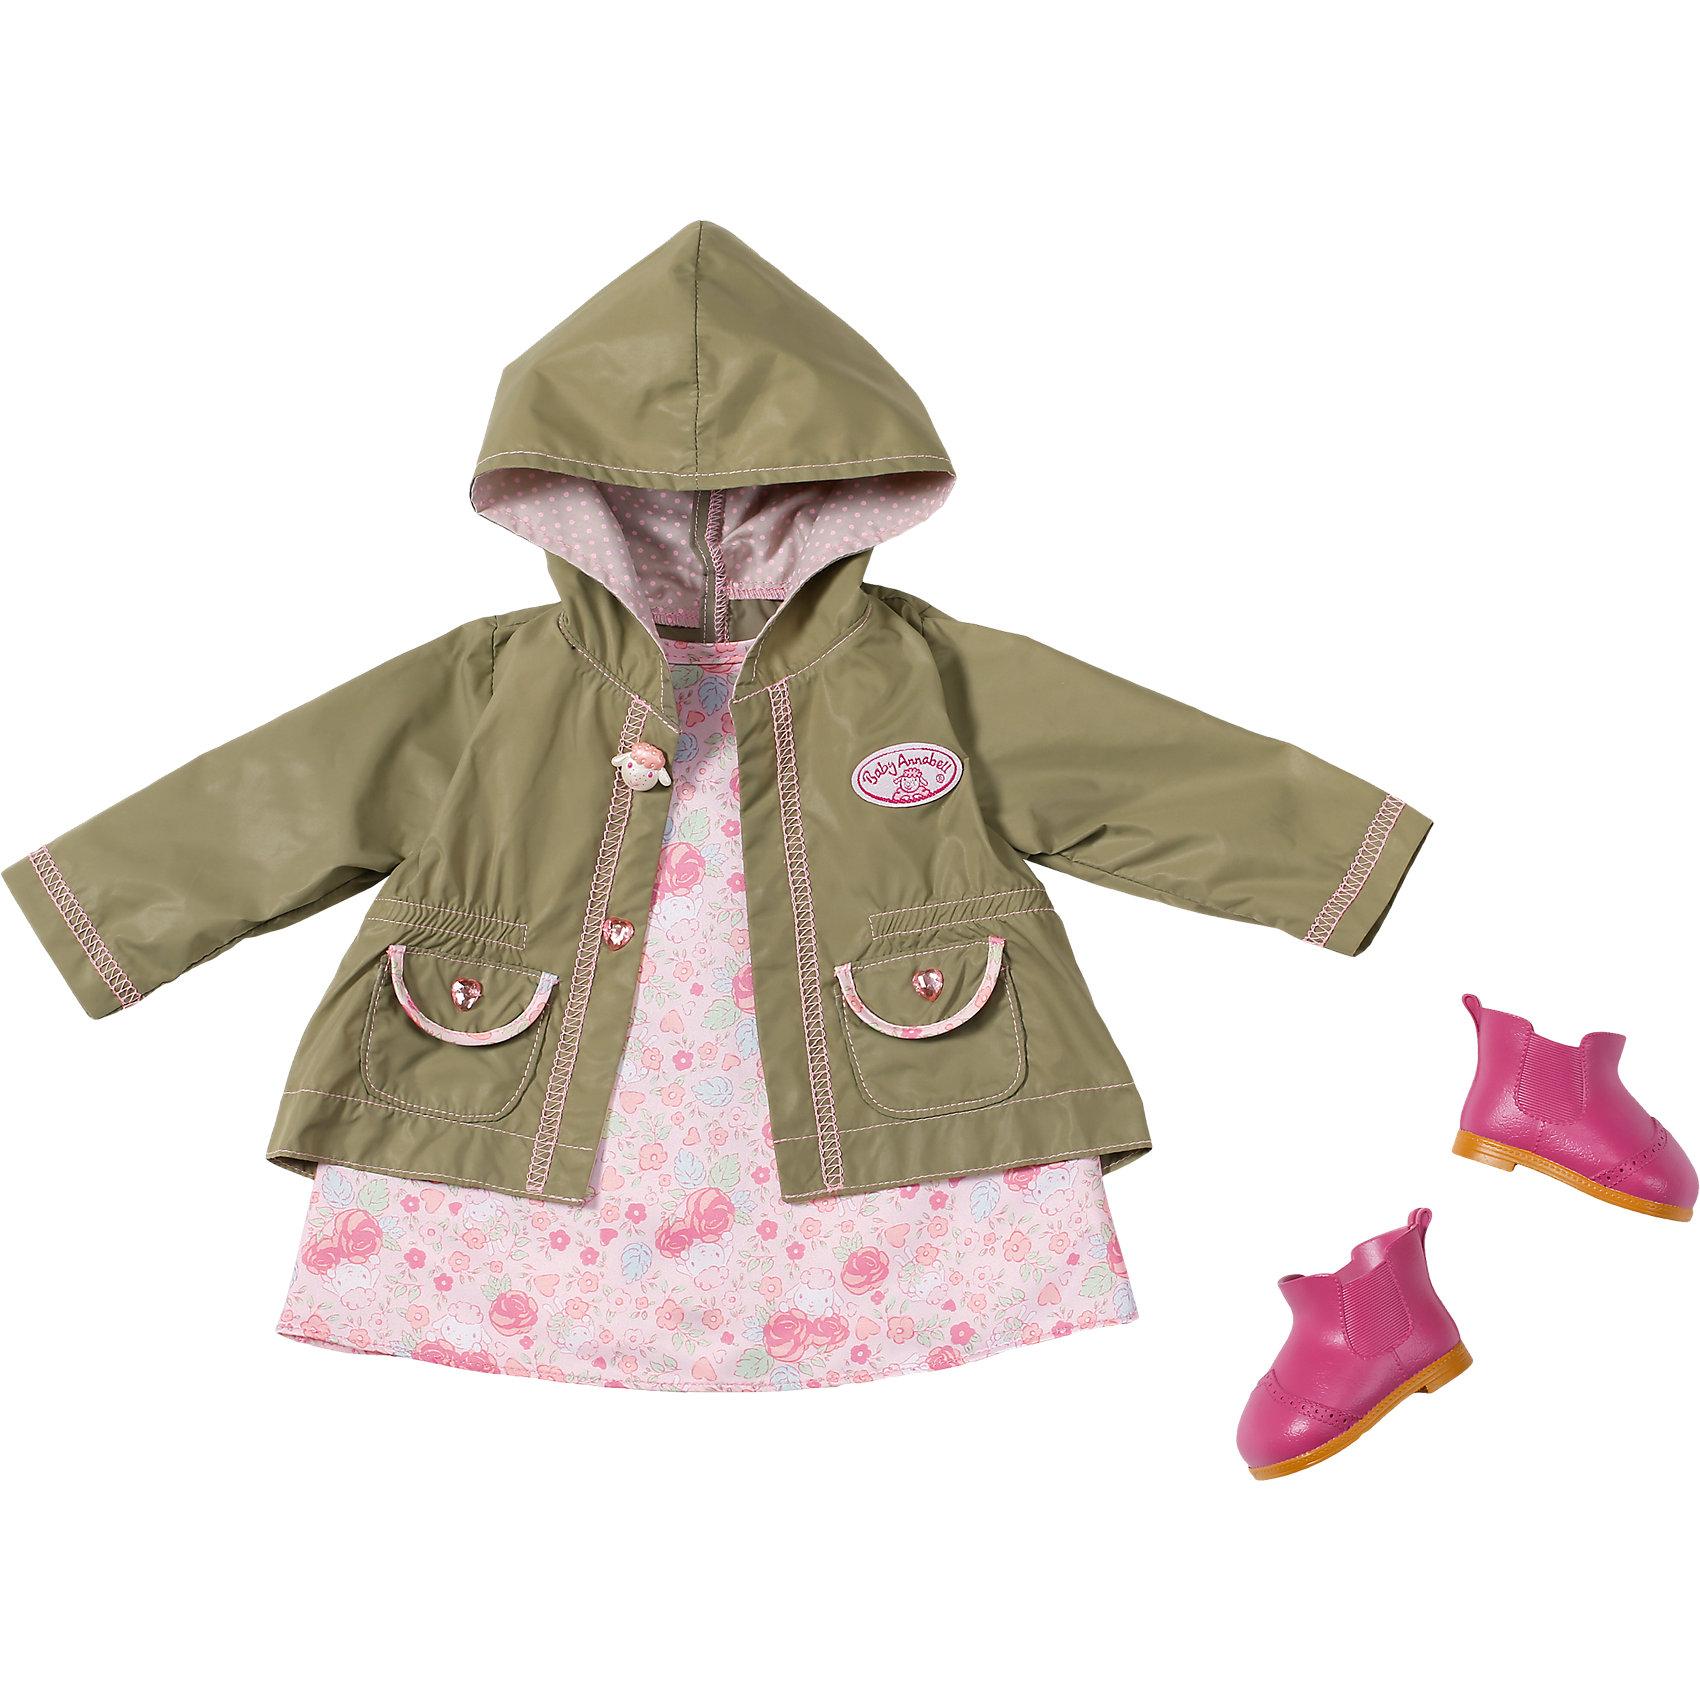 Одежда демисезонная, Baby AnnabellКукольная одежда и аксессуары<br>Прекрасная одежда для самой любимой куклы на свете! В комплект входит чудесное розовое платьице с нежным цветочным принтом, курточка с капюшоном на случай небольшого дождя и очаровательные резиновые сапожки малинового цвета. <br><br>Дополнительная информация:<br><br>- Материал: текстиль.<br>- Комплектация: платье, плащ, сапоги.<br>- Цвет: розовый, серо-зеленый. <br><br>Одежду демисезонную, Baby Annabell (Беби Анабель), можно купить в нашем магазине.<br><br>Ширина мм: 366<br>Глубина мм: 320<br>Высота мм: 83<br>Вес г: 420<br>Возраст от месяцев: 36<br>Возраст до месяцев: 60<br>Пол: Женский<br>Возраст: Детский<br>SKU: 4319346